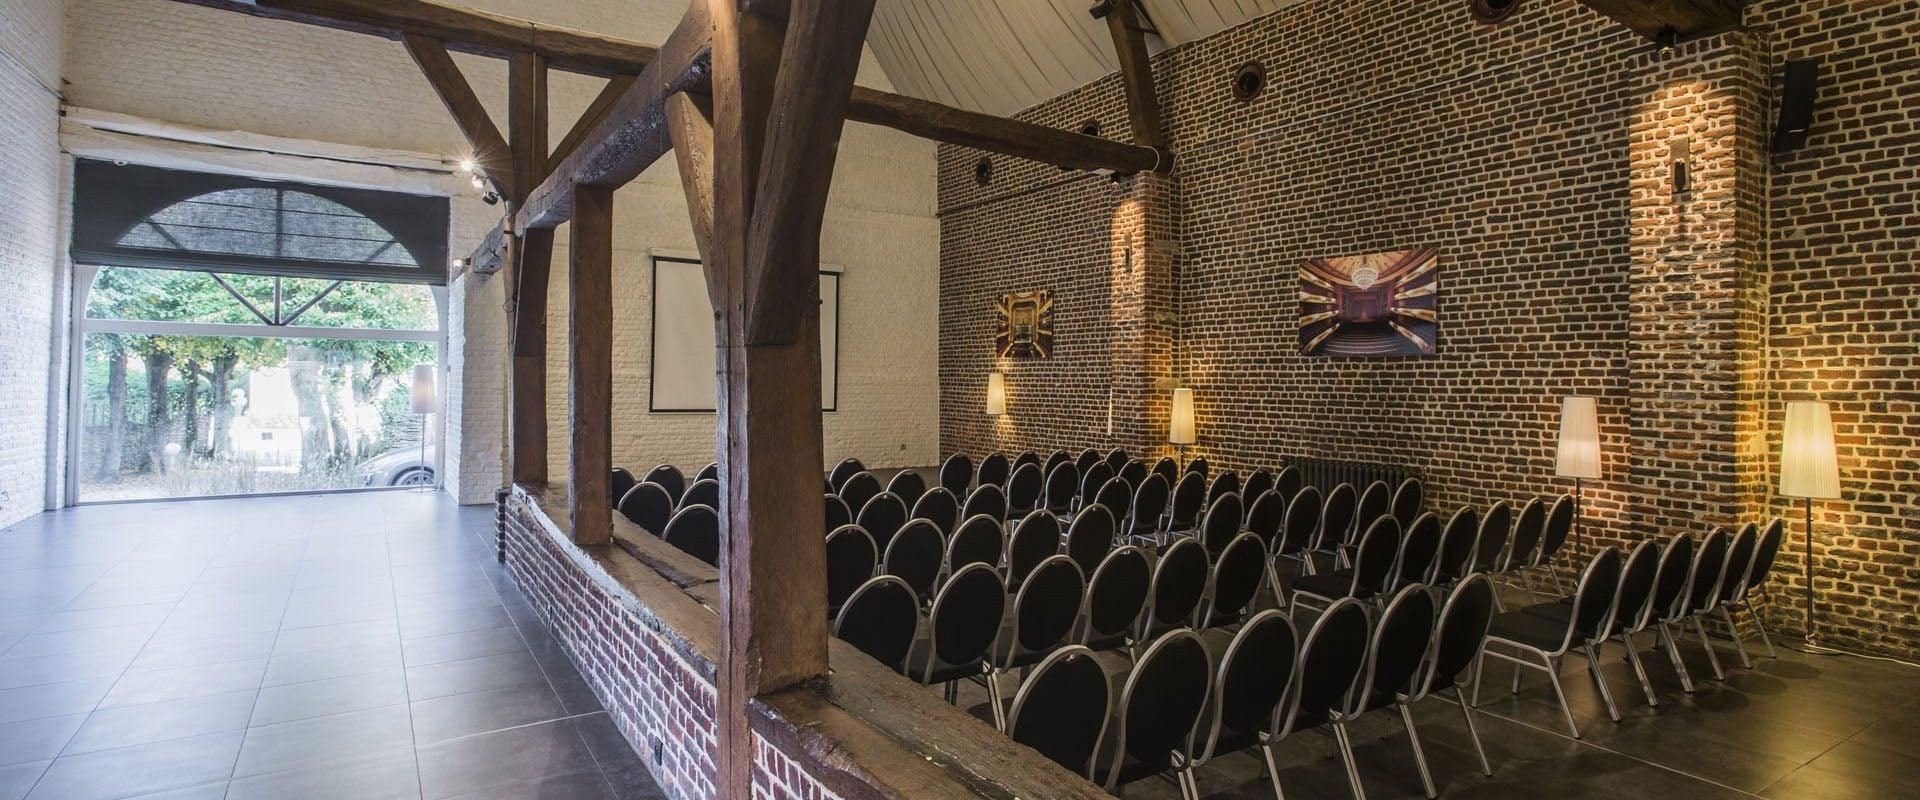 Conférences - Salons de Romree